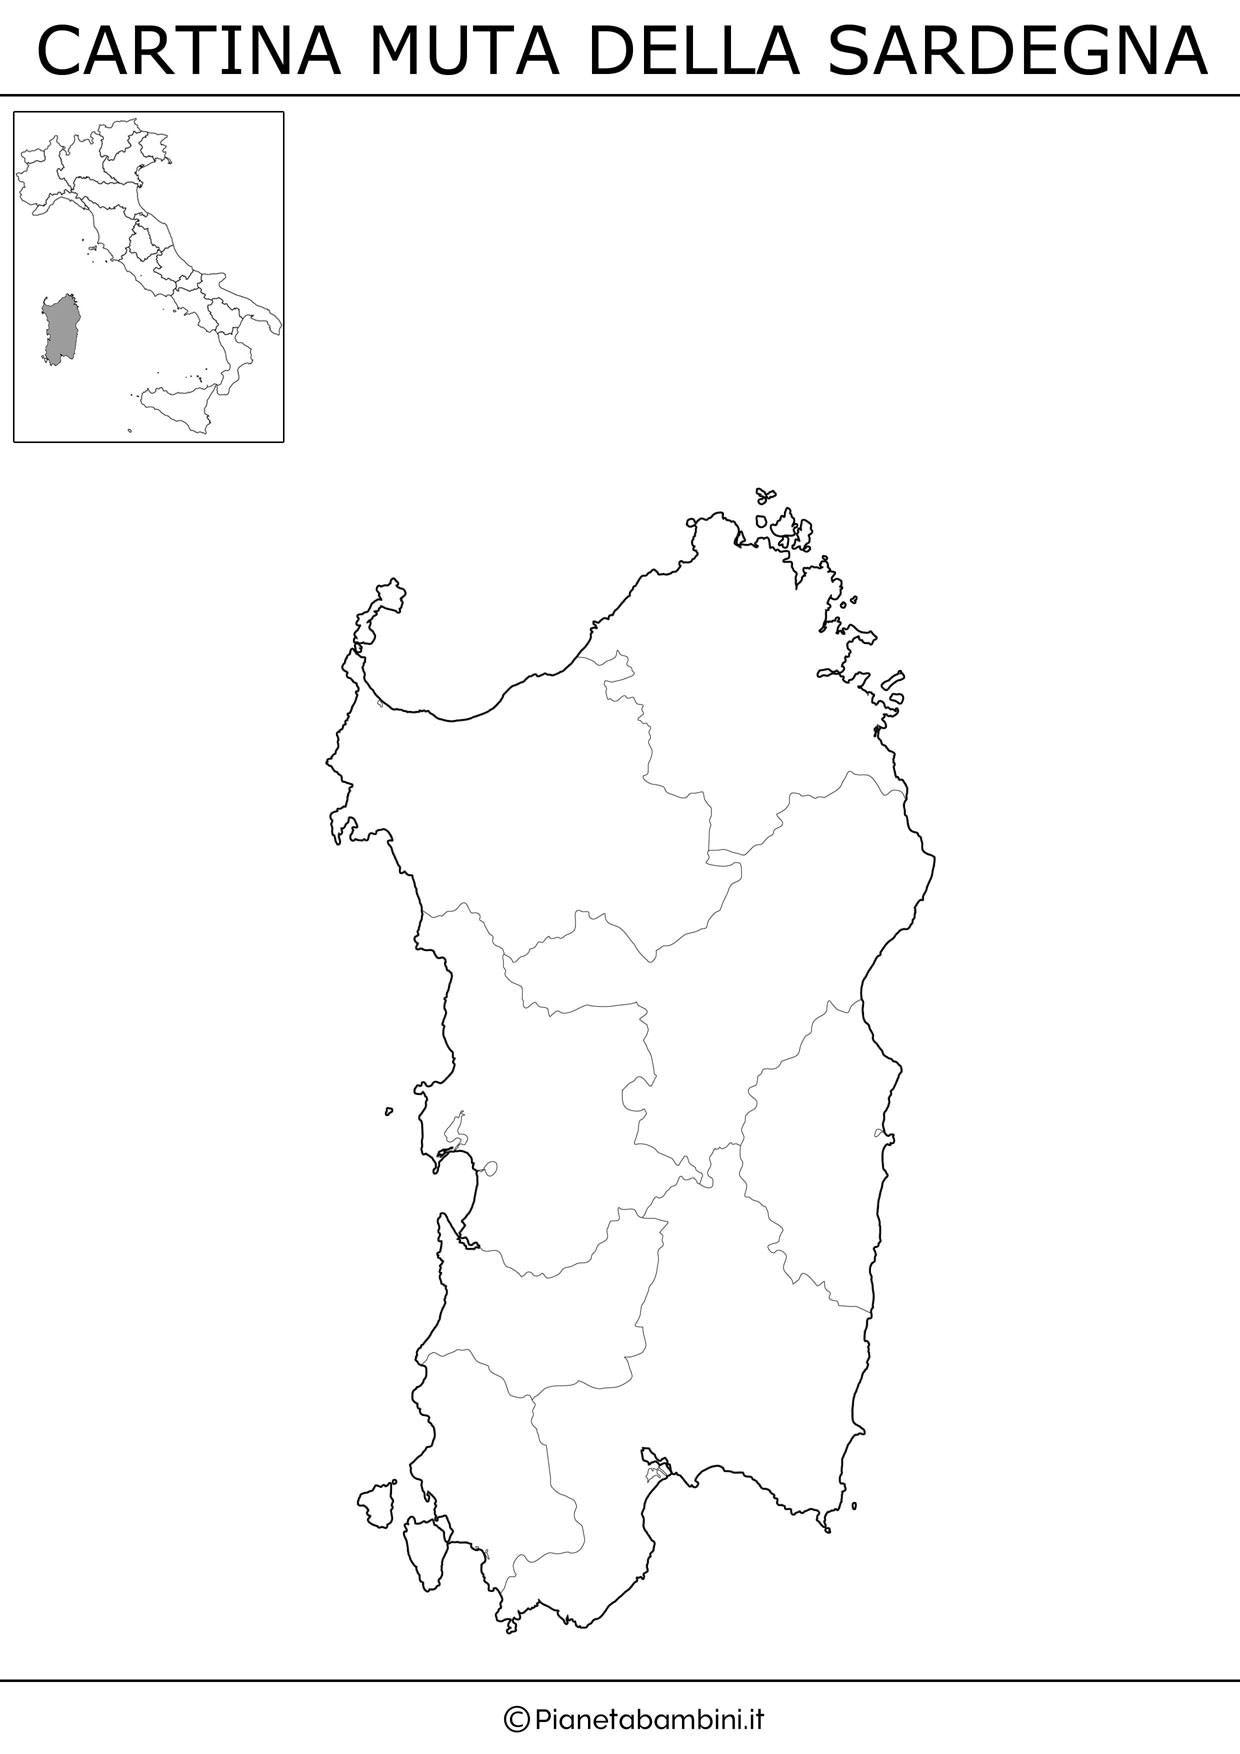 Cartina Sardegna Muta.Cartina Muta Fisica E Politica Delle Sardegna Da Stampare Sardegna Lezioni Di Scienze Idee Per Tatuaggi